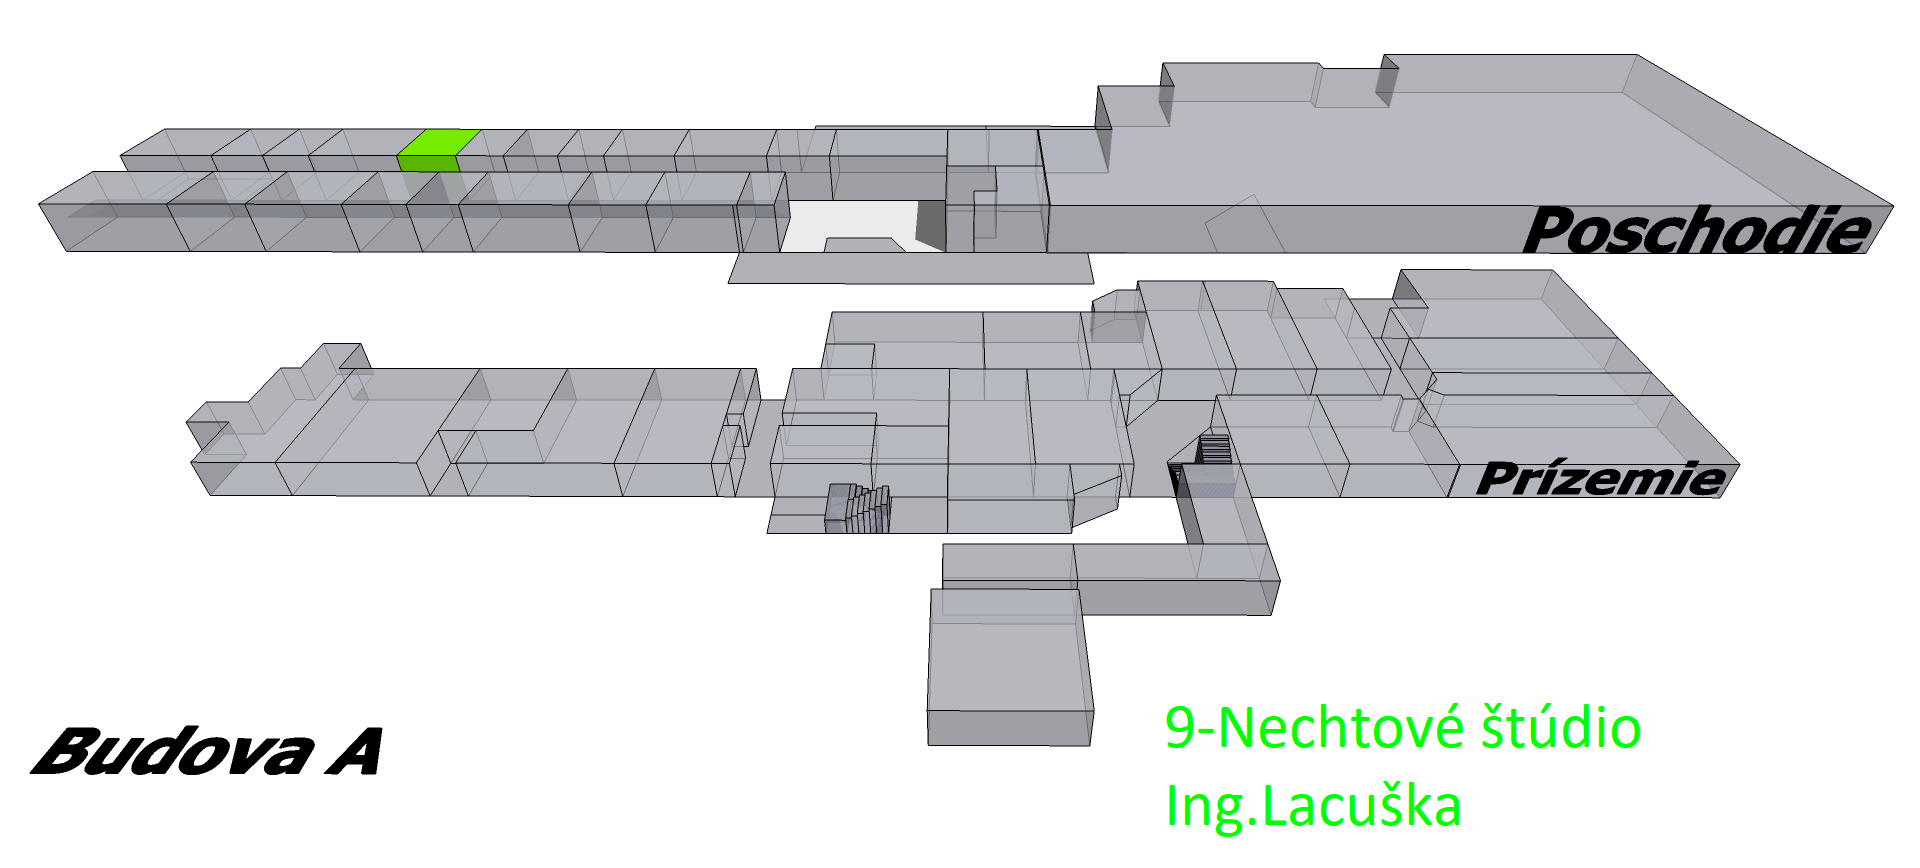 9_Nechtové štúdio - Ing.Lacuška_budova_A_poschodie_s_u